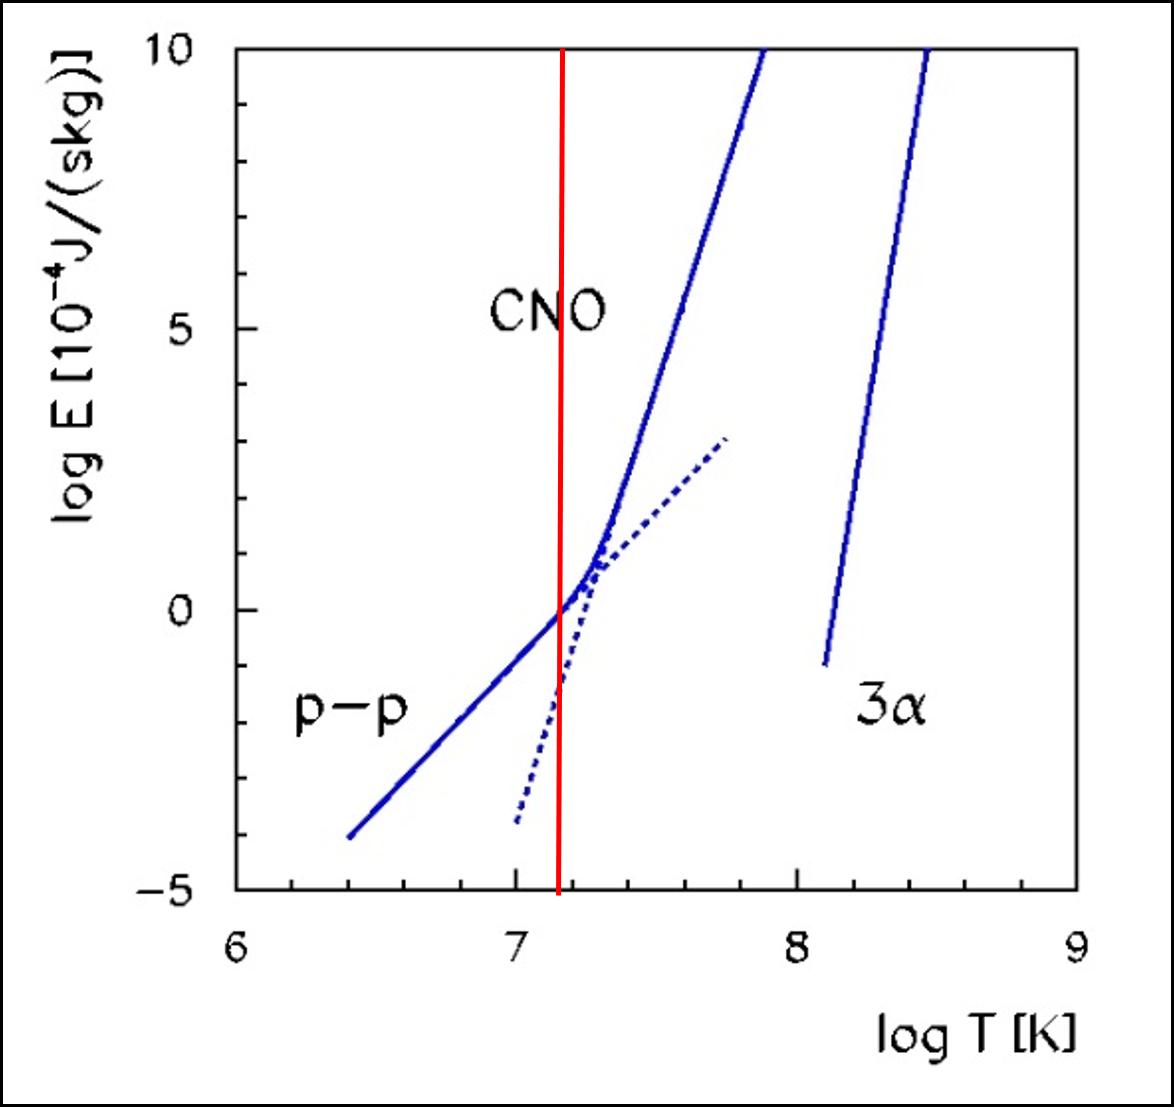 Přeměna protonů v hélium probíhá s různou pravděpodobností v závislosti na teplotě. V grafu je ukázána závislost produkované energie daným cyklem reakcí na teplotě. Závislost je extrémně silná, proto je zobrazení v logaritmickém měřítku. Je vidět, že